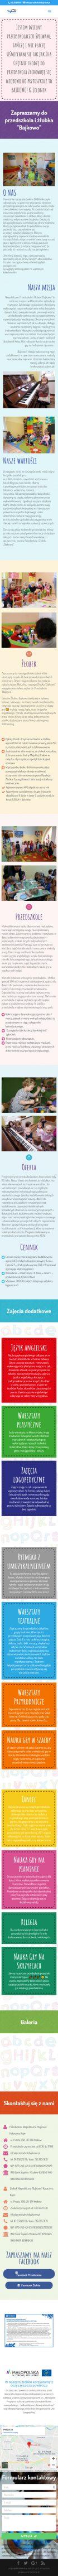 Przedszkolebajkowo.pl 025